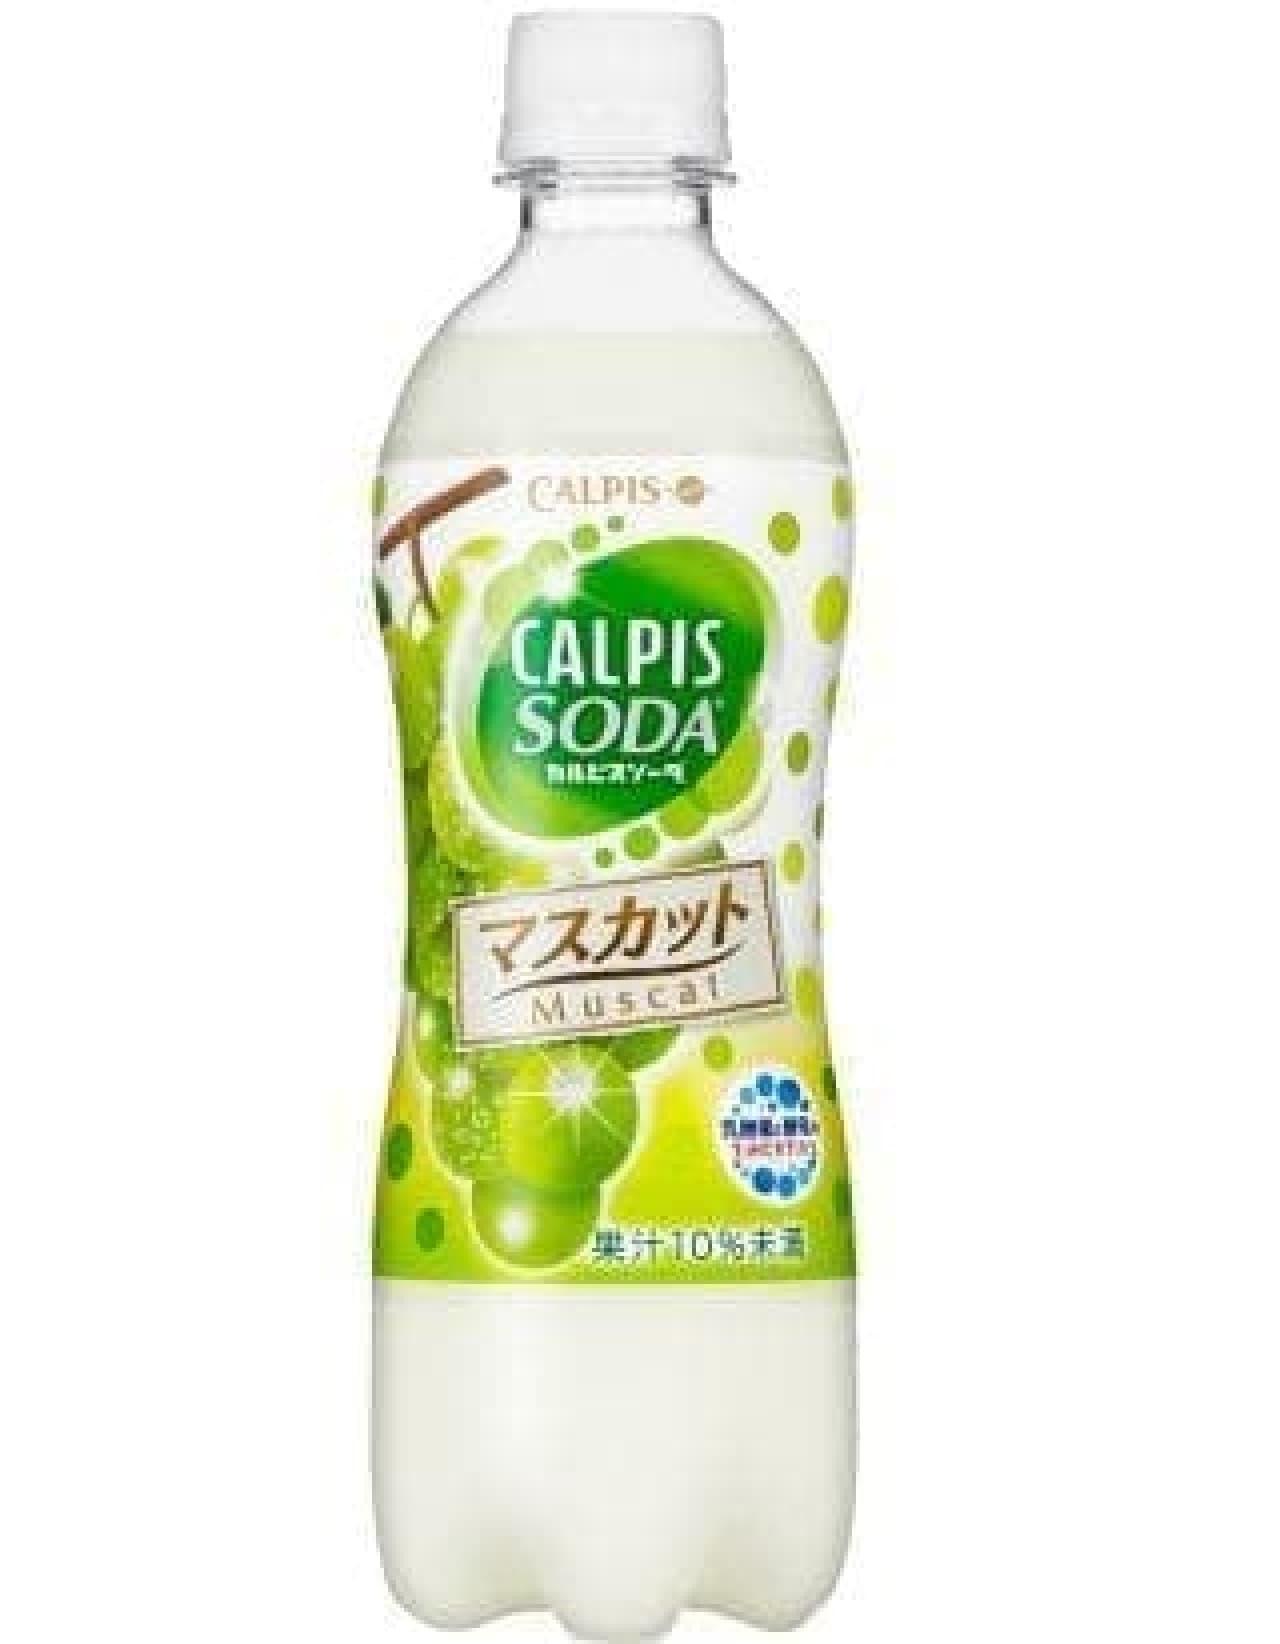 アサヒ飲料「カルピスソーダマスカット」